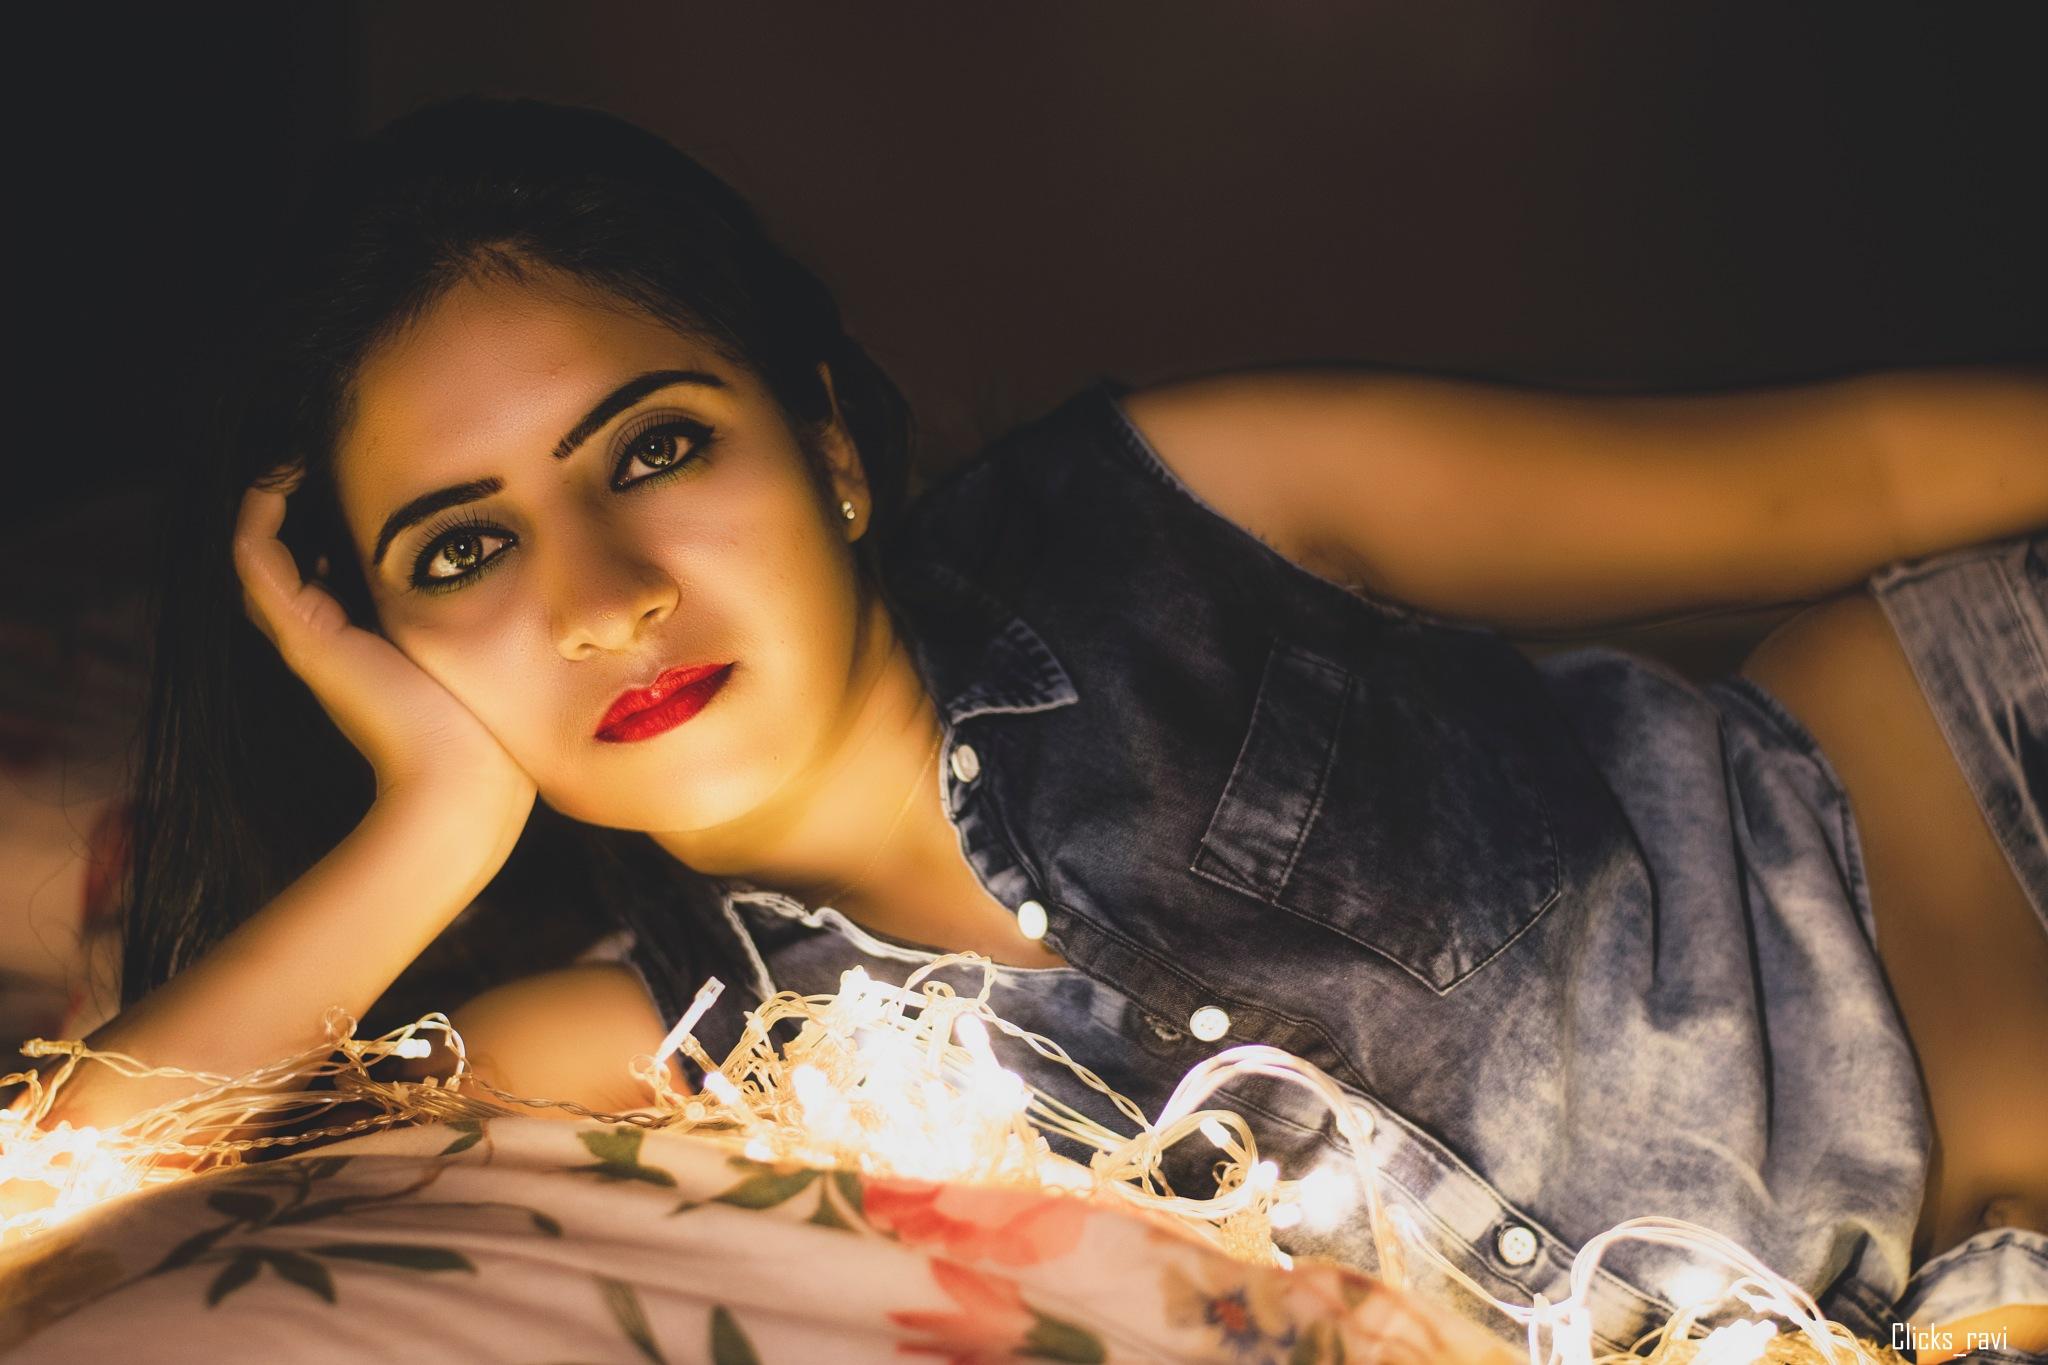 Pretty by Clicks_ravi